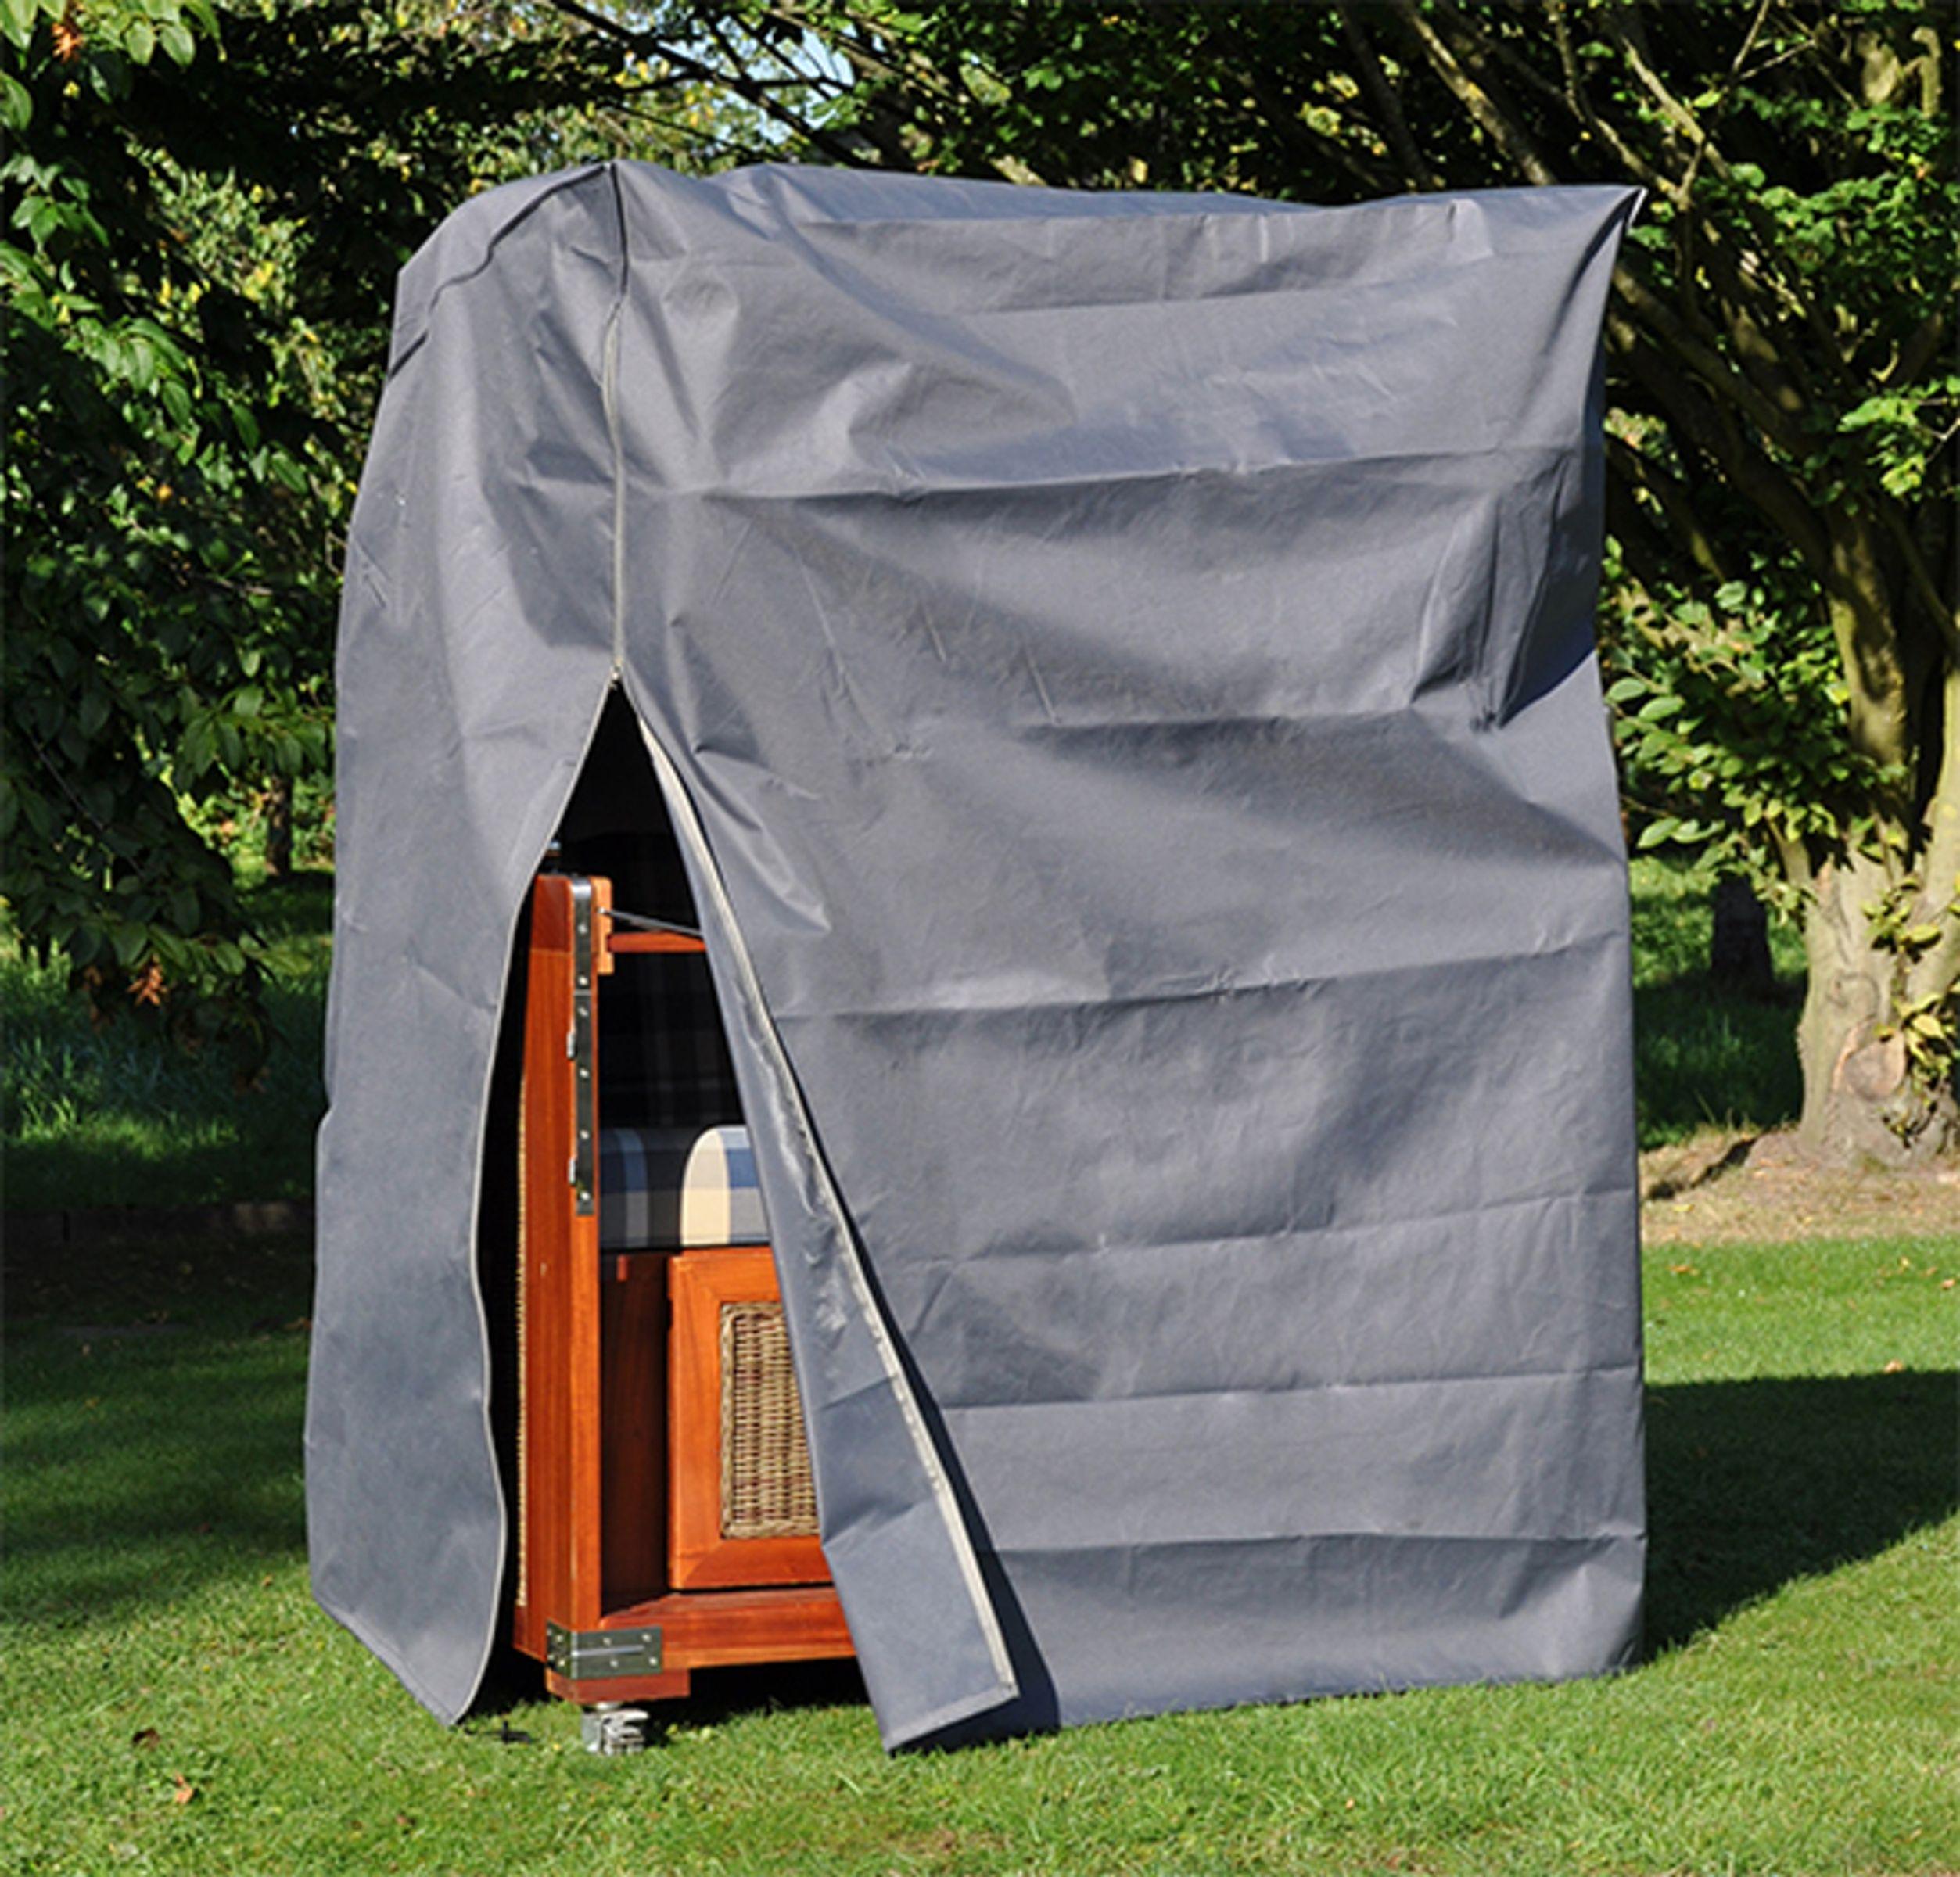 schutzh lle schutzhaube sch tz h lle abdeckhaube strandkorb 130x100x170 134 cm ebay. Black Bedroom Furniture Sets. Home Design Ideas